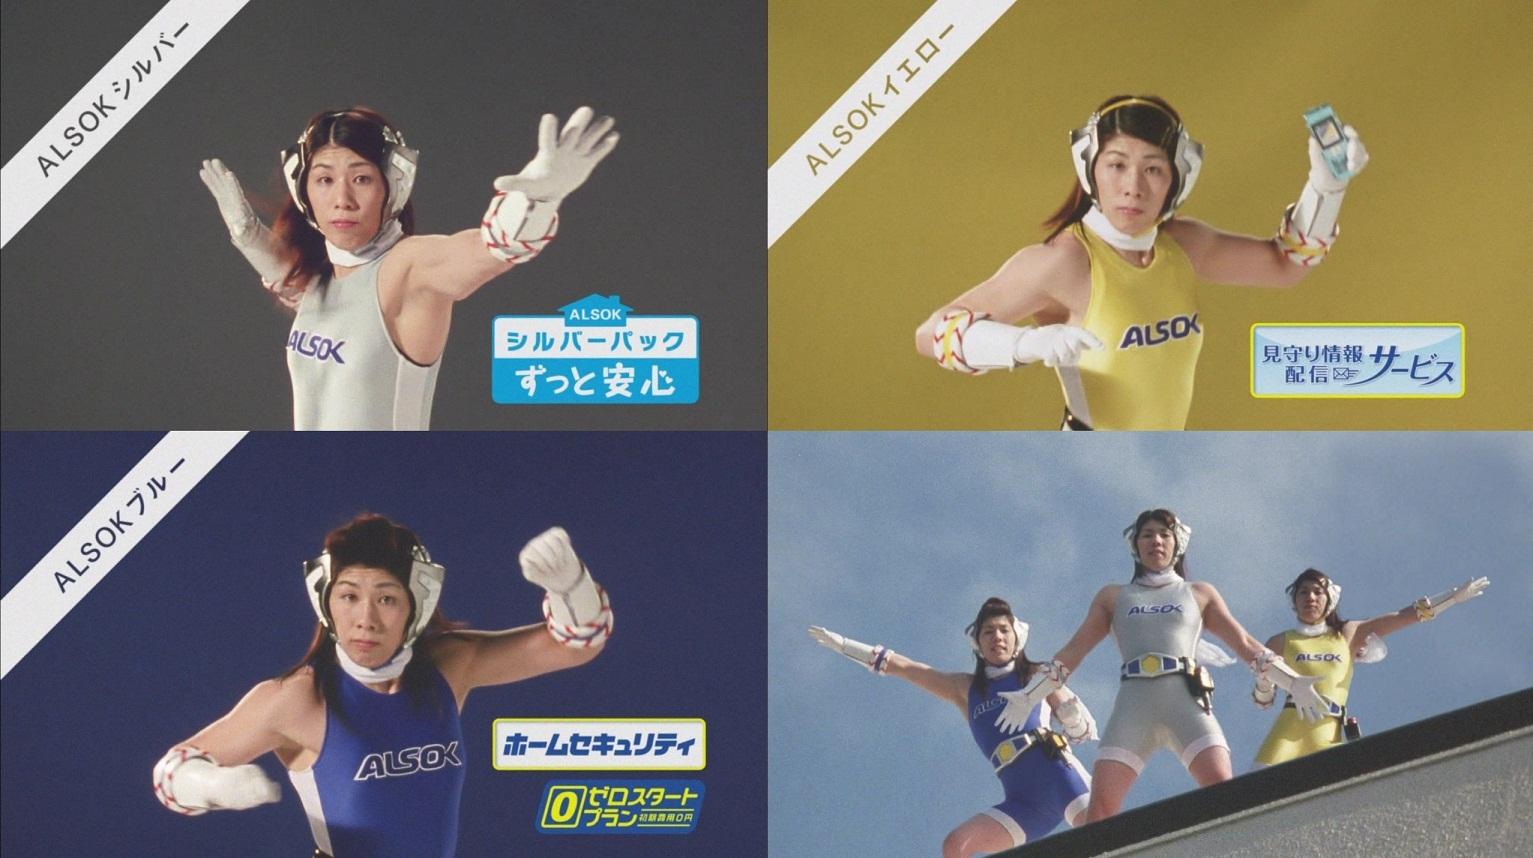 http://livedoor.4.blogimg.jp/girls002/imgs/6/7/671abc2e.jpg